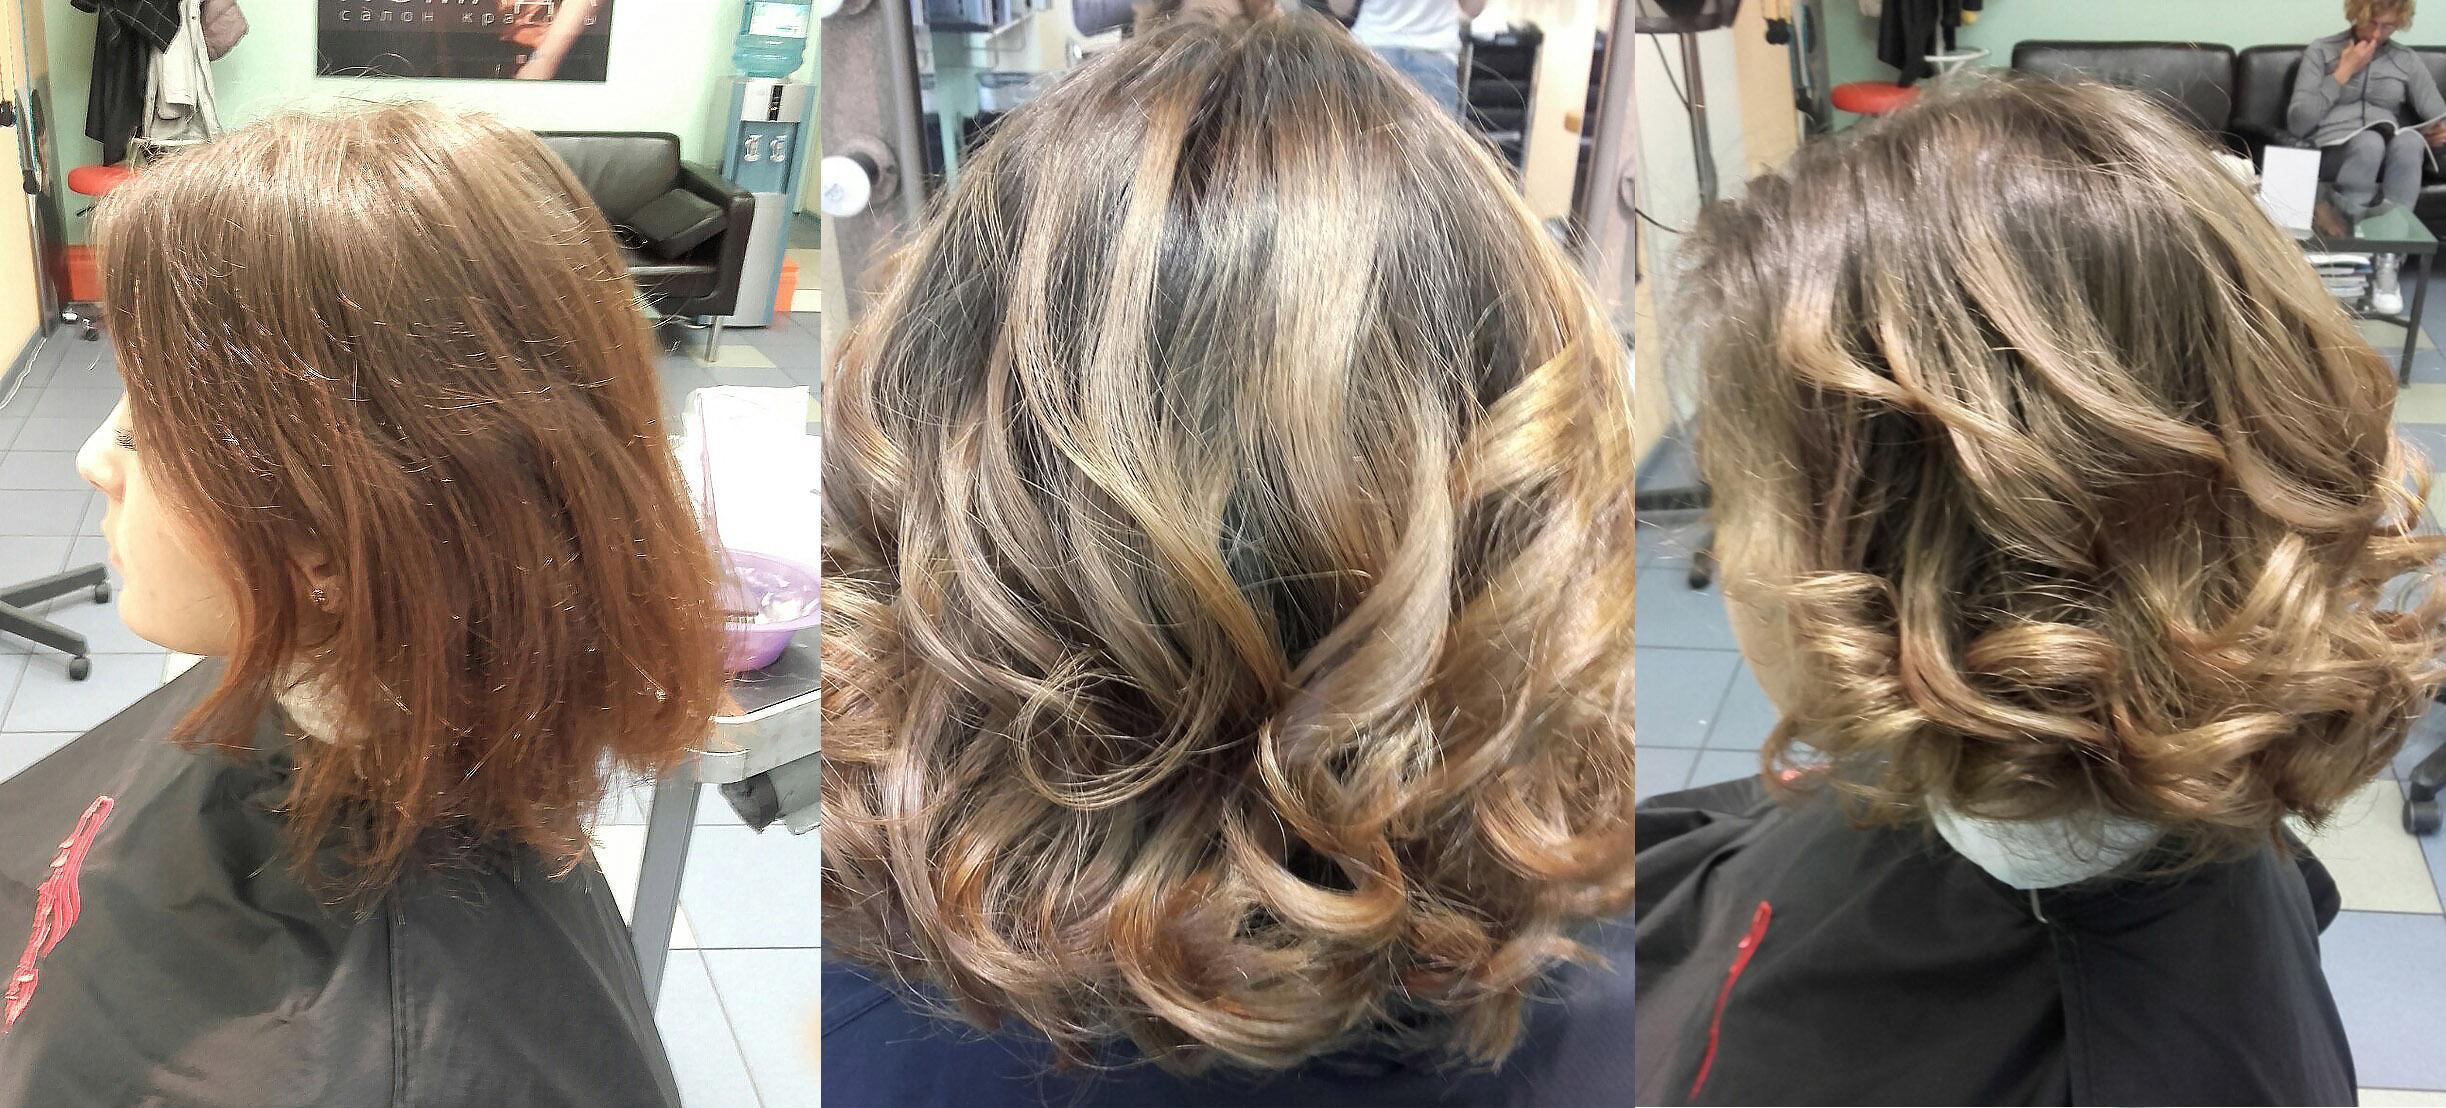 image31-22   Брондирование волос: описание, виды, техника выполнения для любой длины и цвета волос